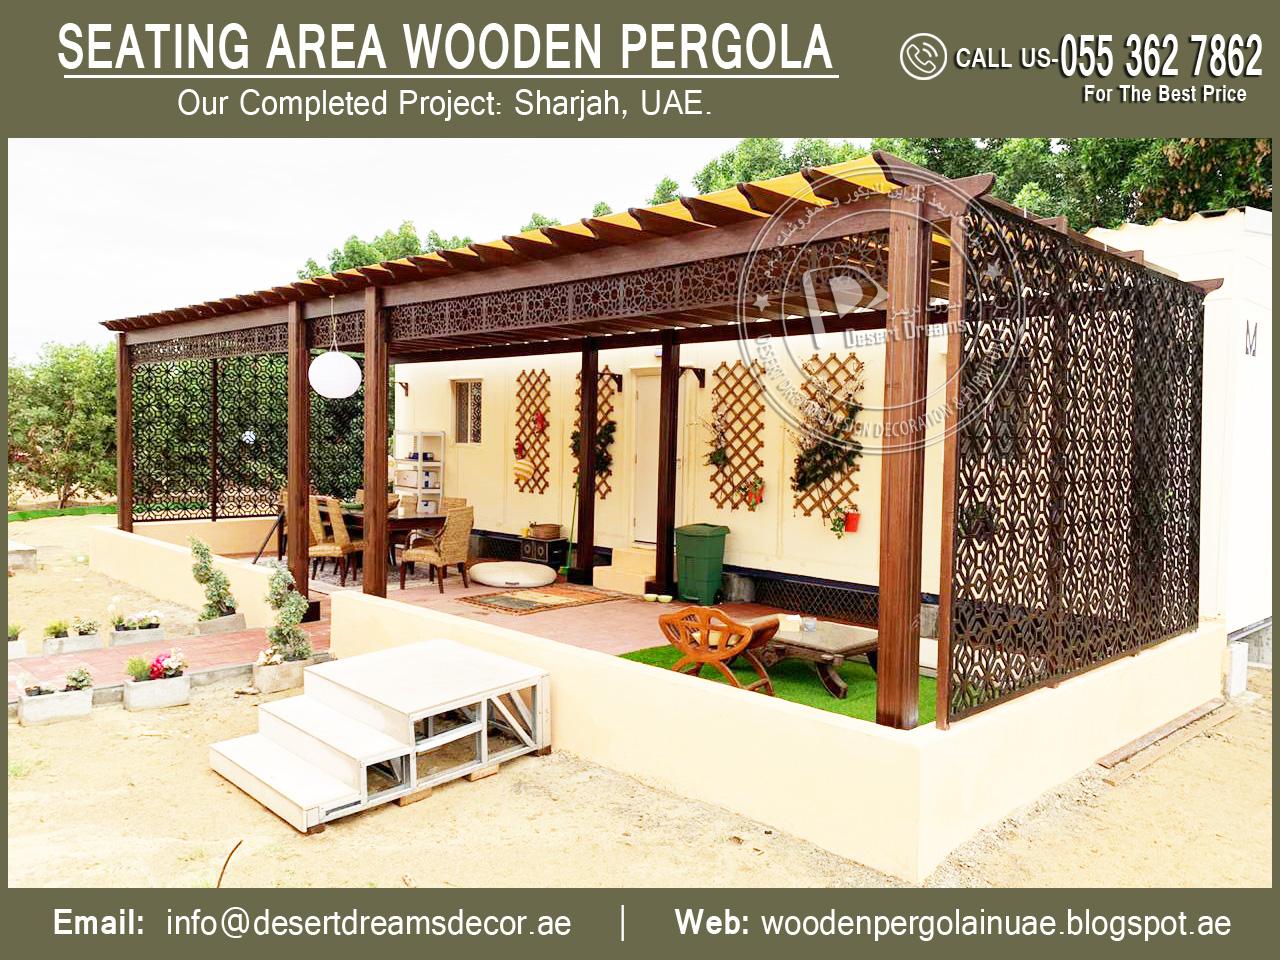 Wooden Pergola in Sharjah-2.jpg